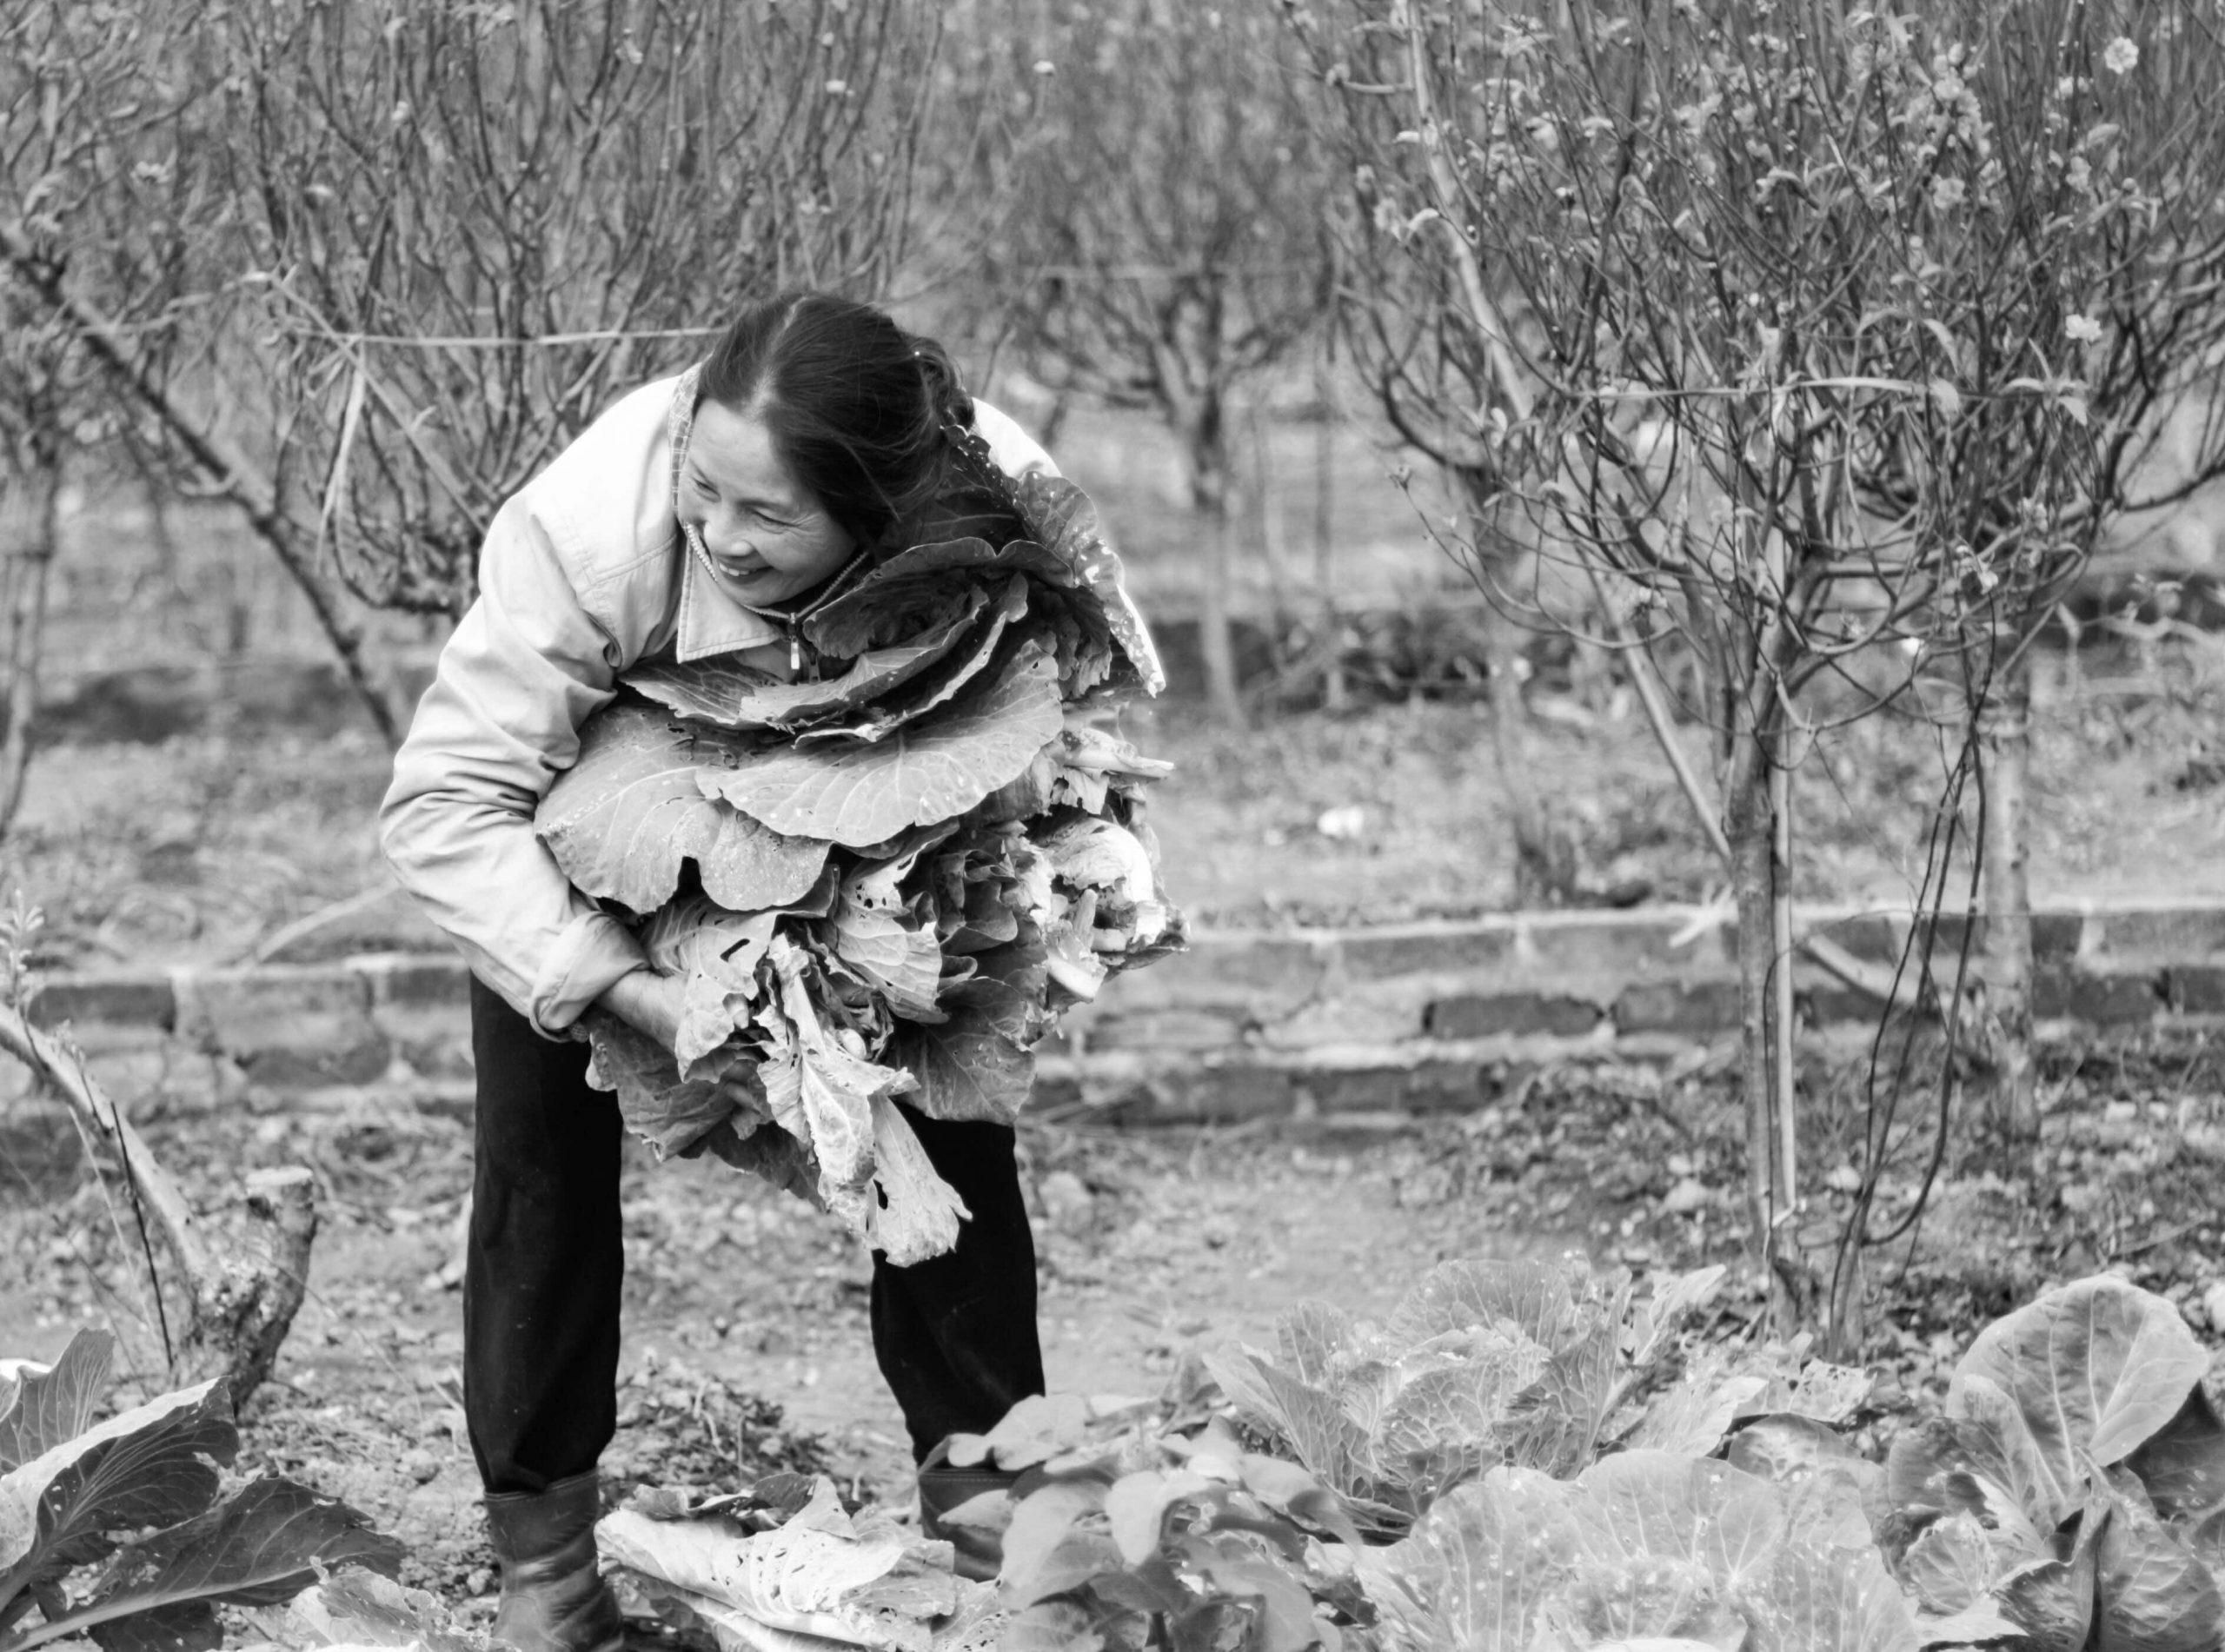 Une femme récoltant des légumes au début du printemps